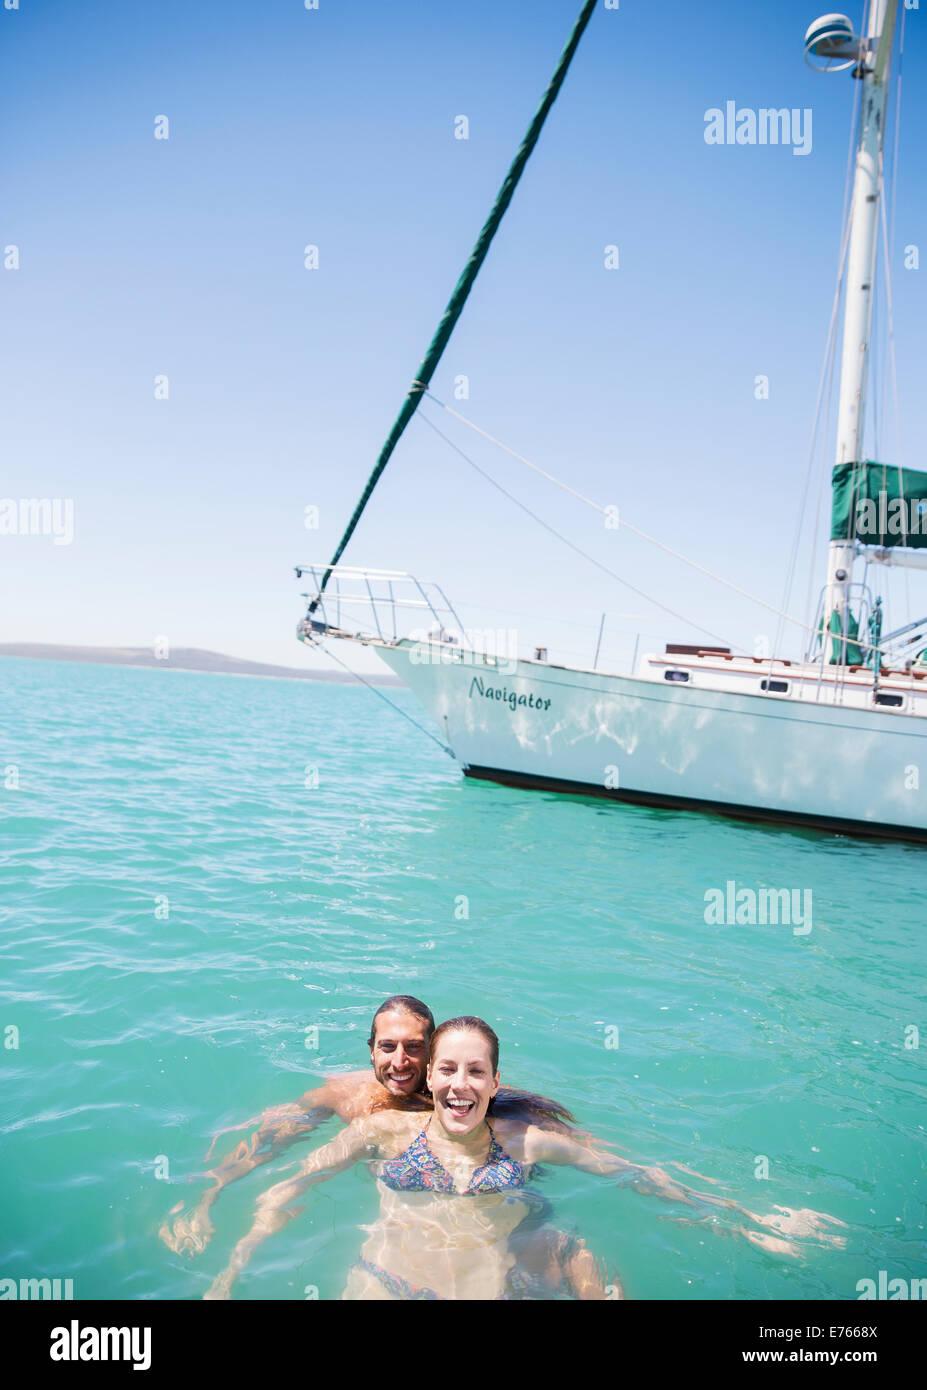 Paio di nuoto in acqua vicino alla barca Immagini Stock